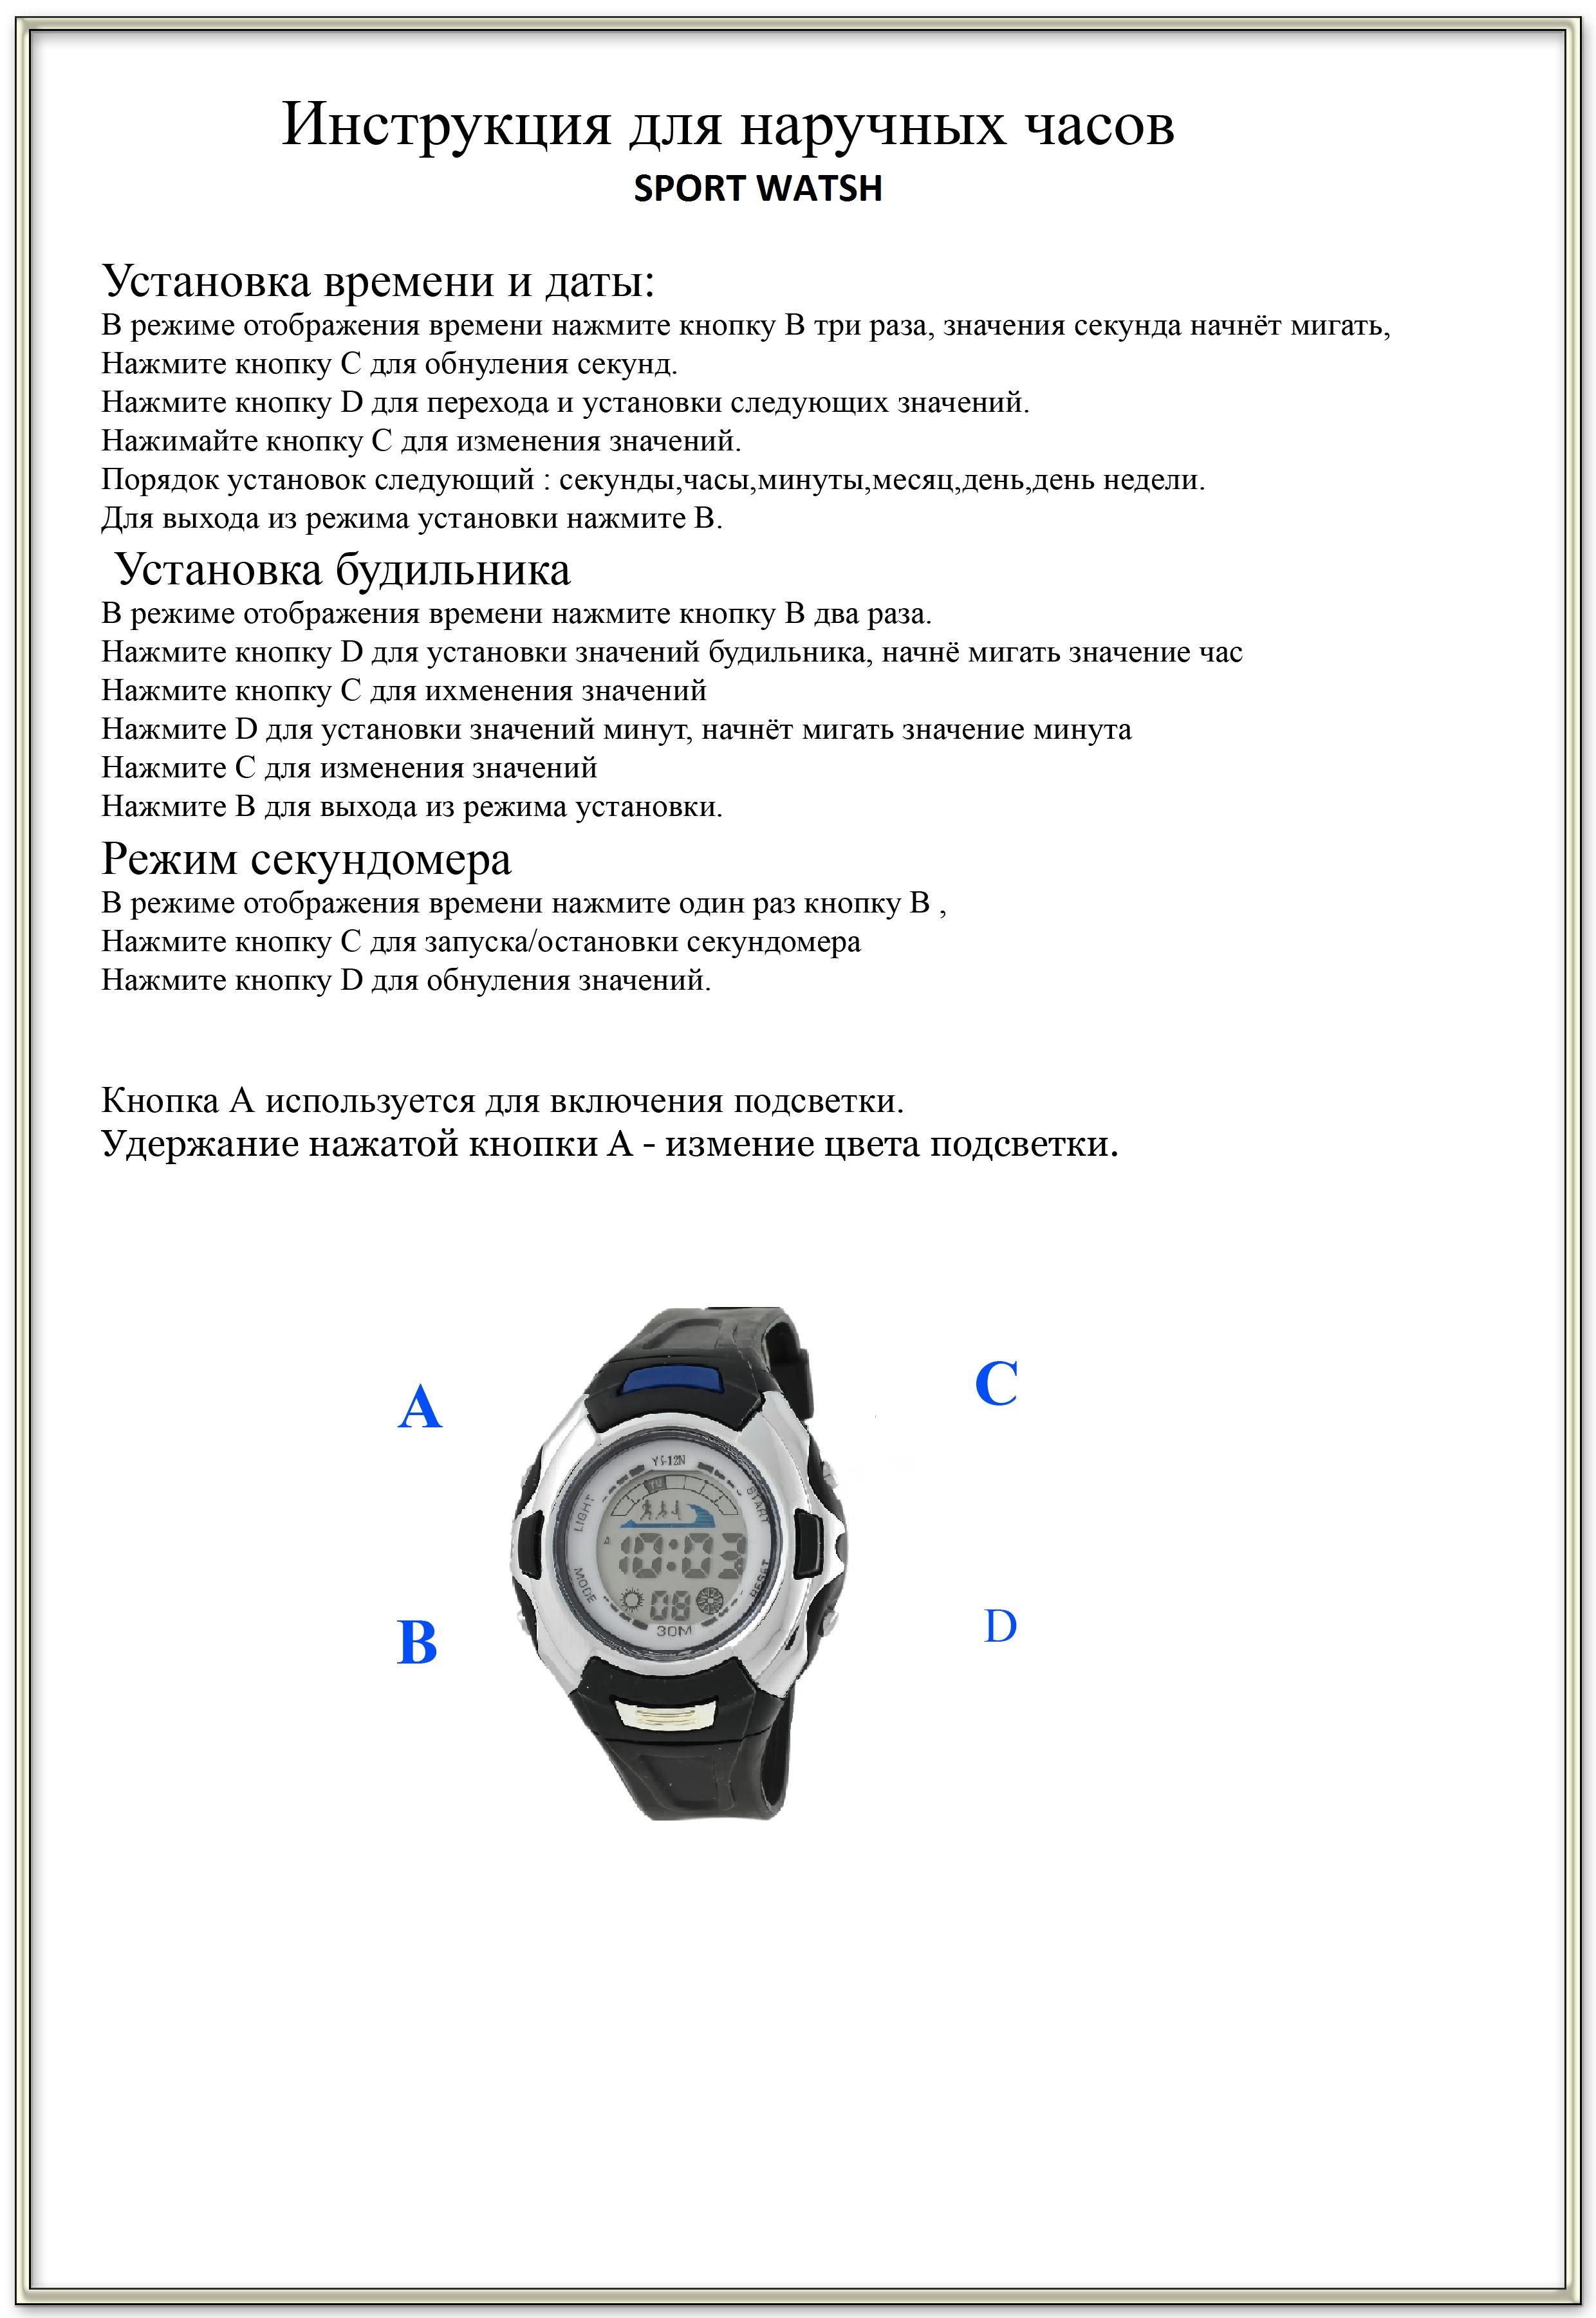 Sport watch часы наручные инструкция наручные часы механические или кварц